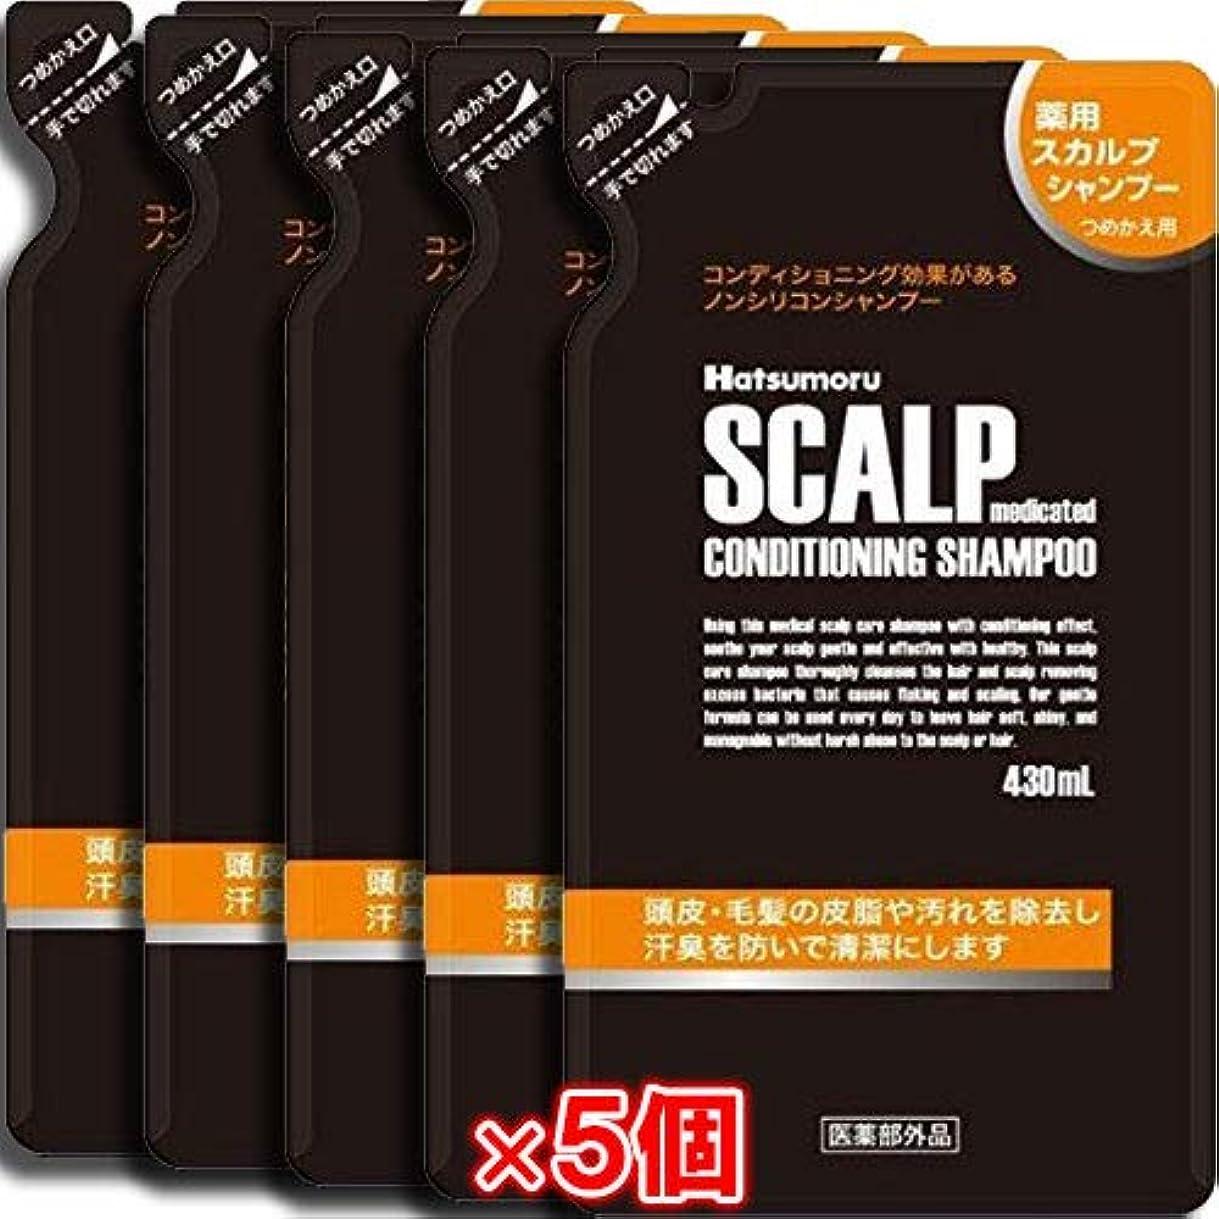 鎮痛剤ごみ証拠【5個セット】ハツモール 薬用スカルプシャンプー 詰替用 430mL